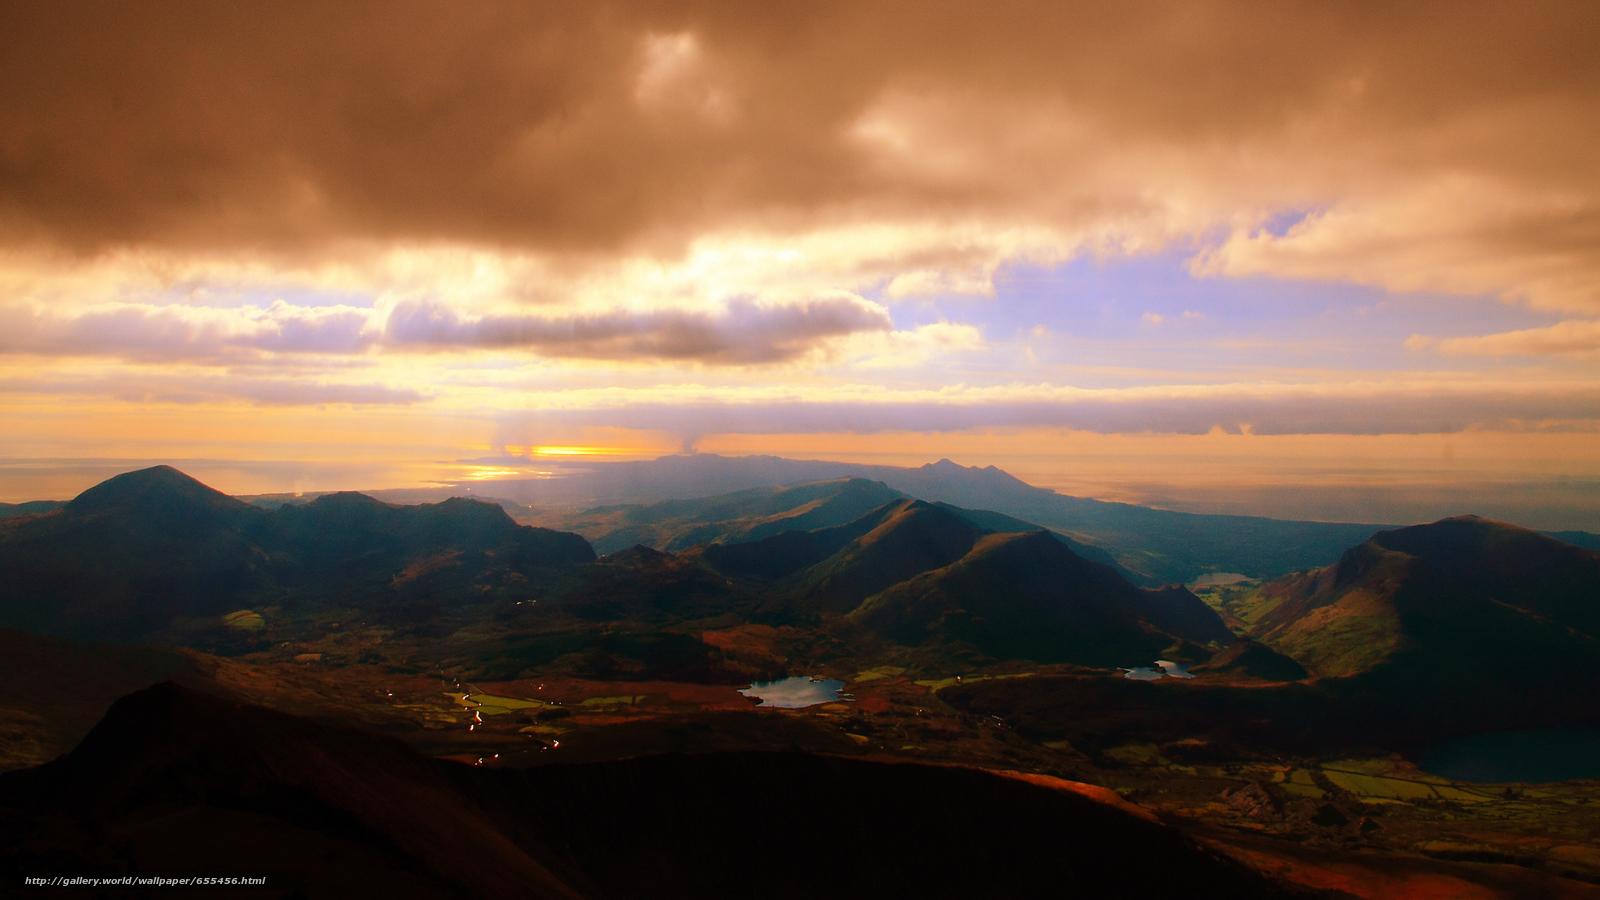 Скачать обои обои от Kisenok,  горы,  небо,  свет бесплатно для рабочего стола в разрешении 2600x1462 — картинка №655456